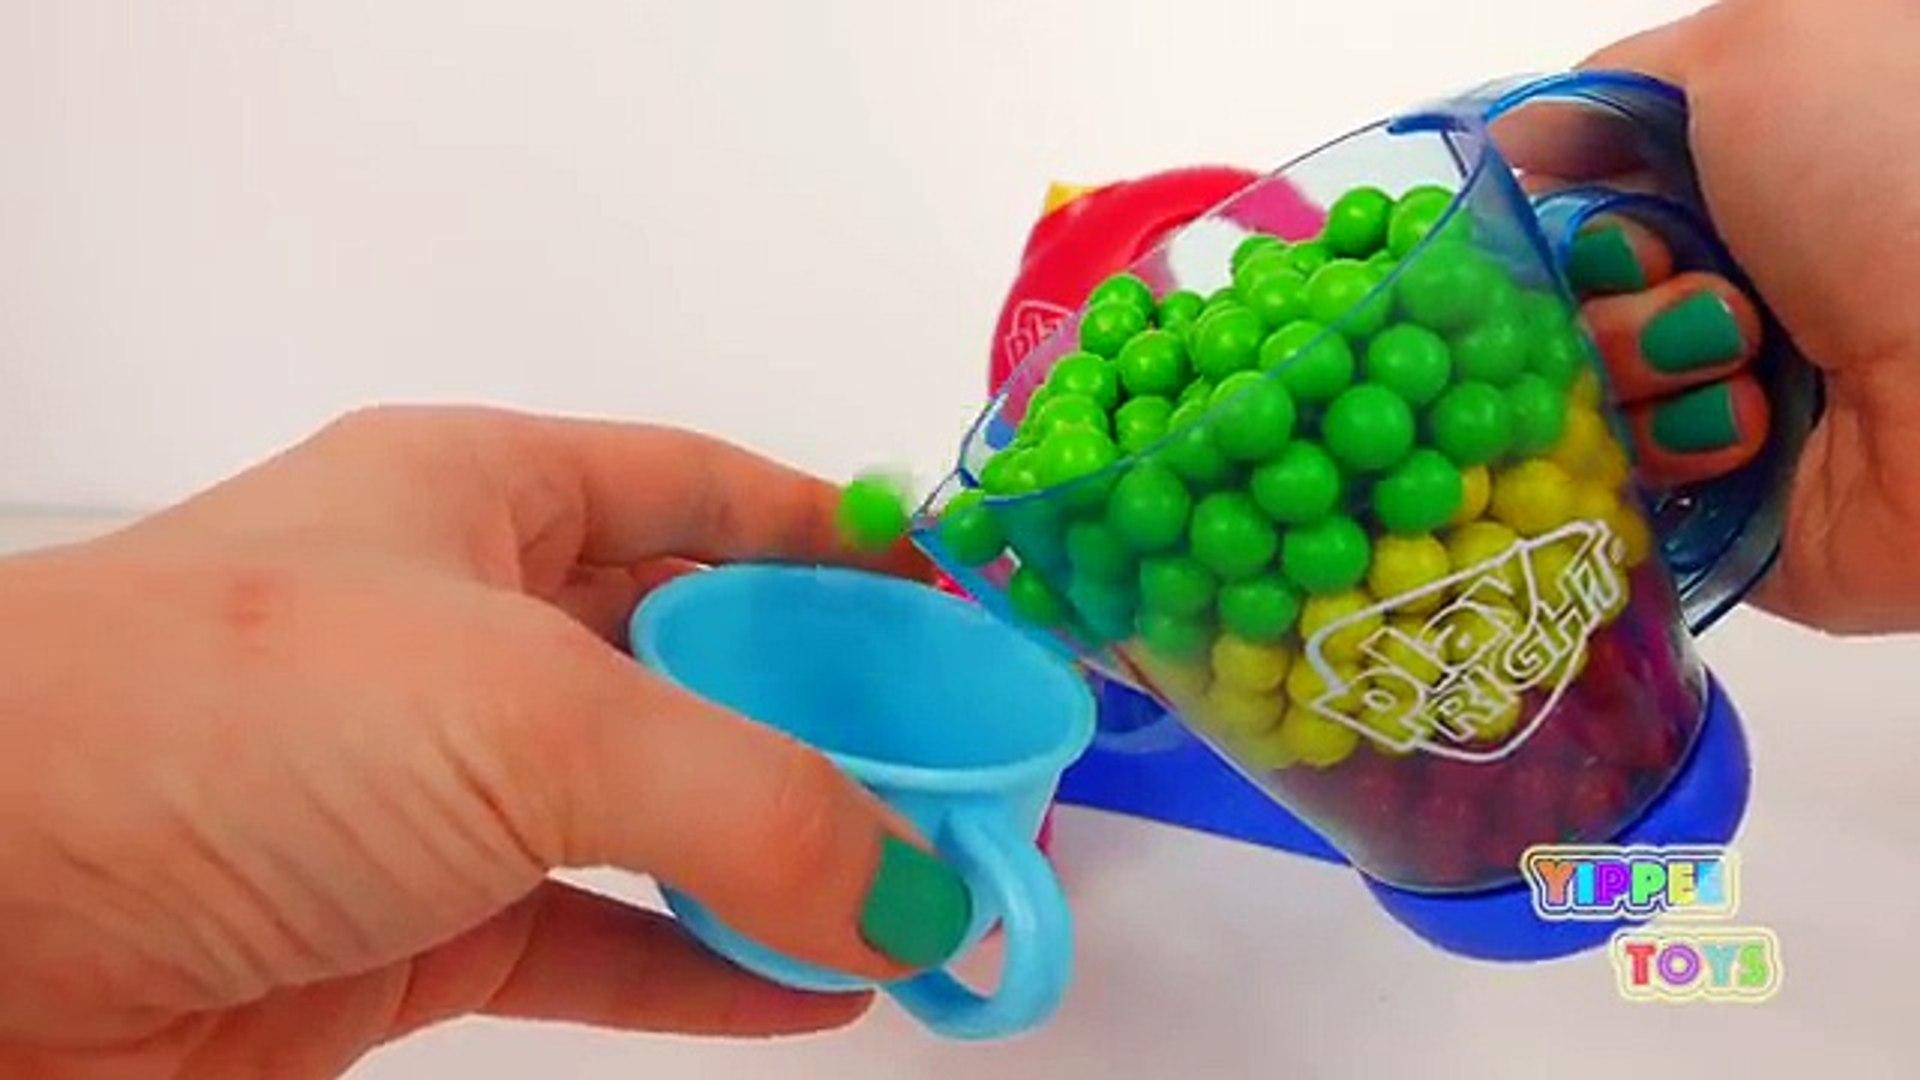 Прибор смеситель для Дети Дети ... кухня смеситель играть Набор для игр Правильно Игрушки